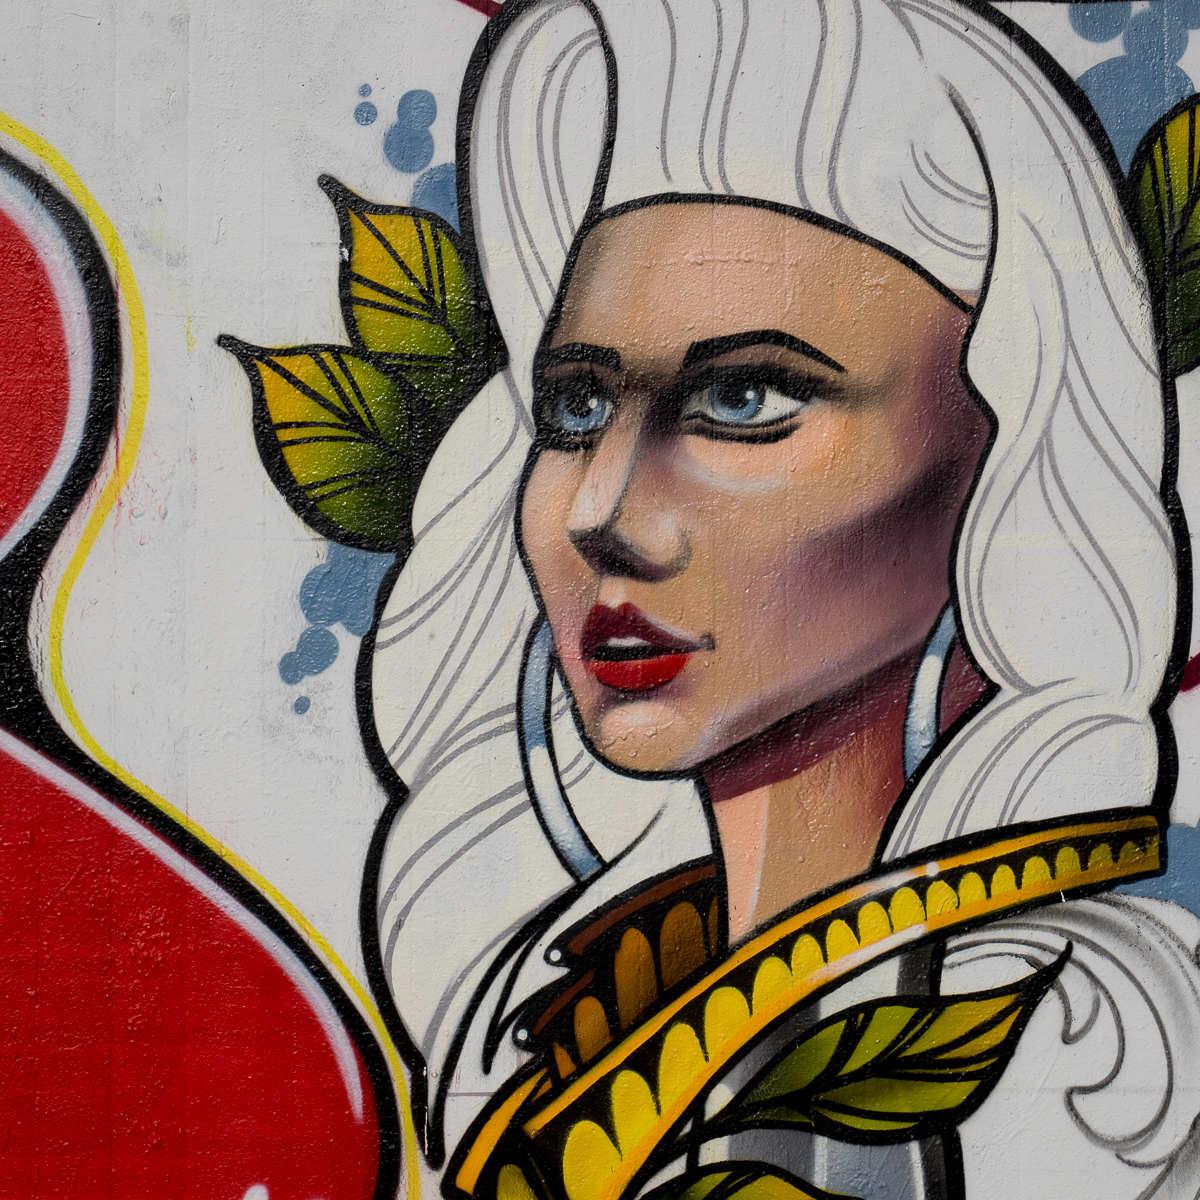 Frankfurt – Graffiti am Ratswegkreisel (82) – 05/2017 DKN